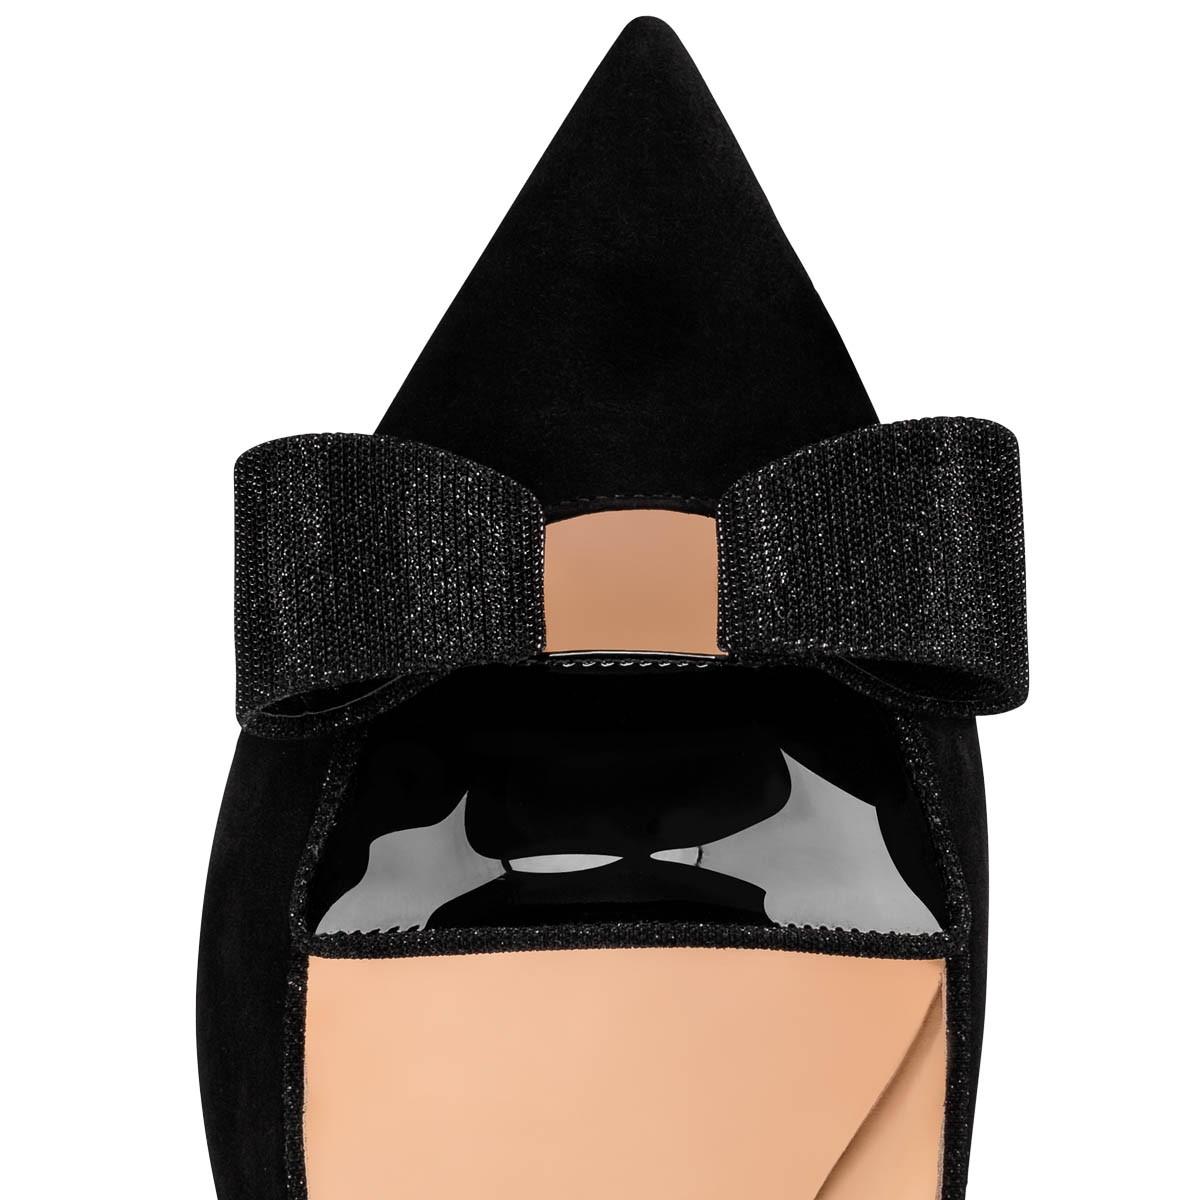 Women Shoes - Souriceau - Christian Louboutin